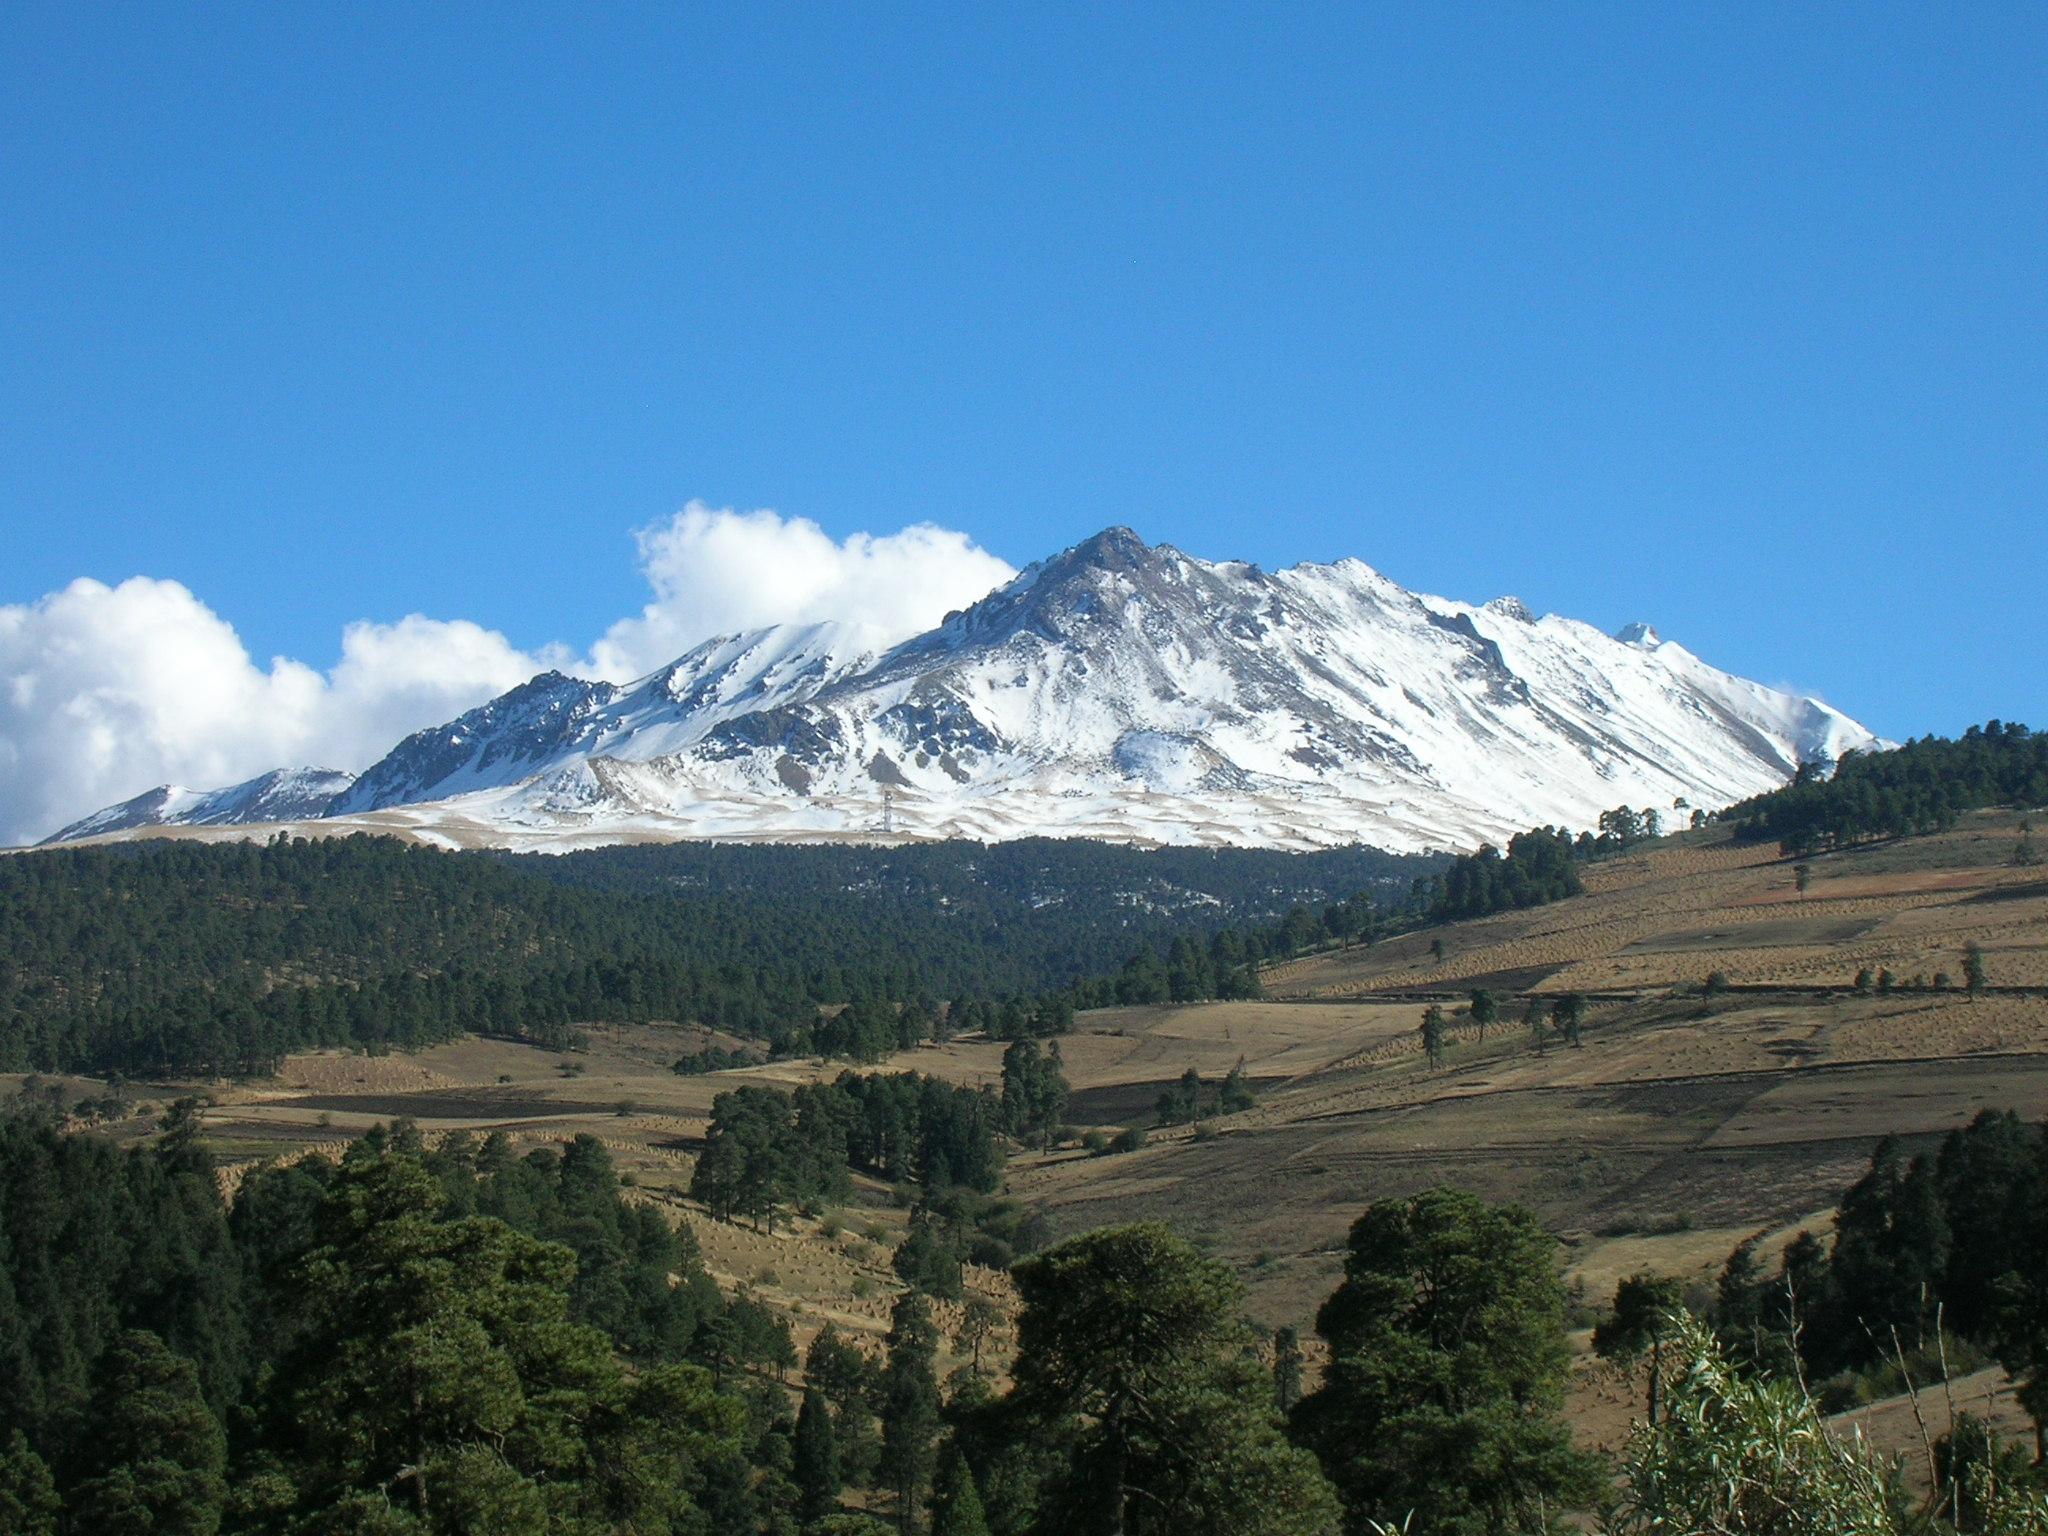 Place of the Week: Nevado de Toluca